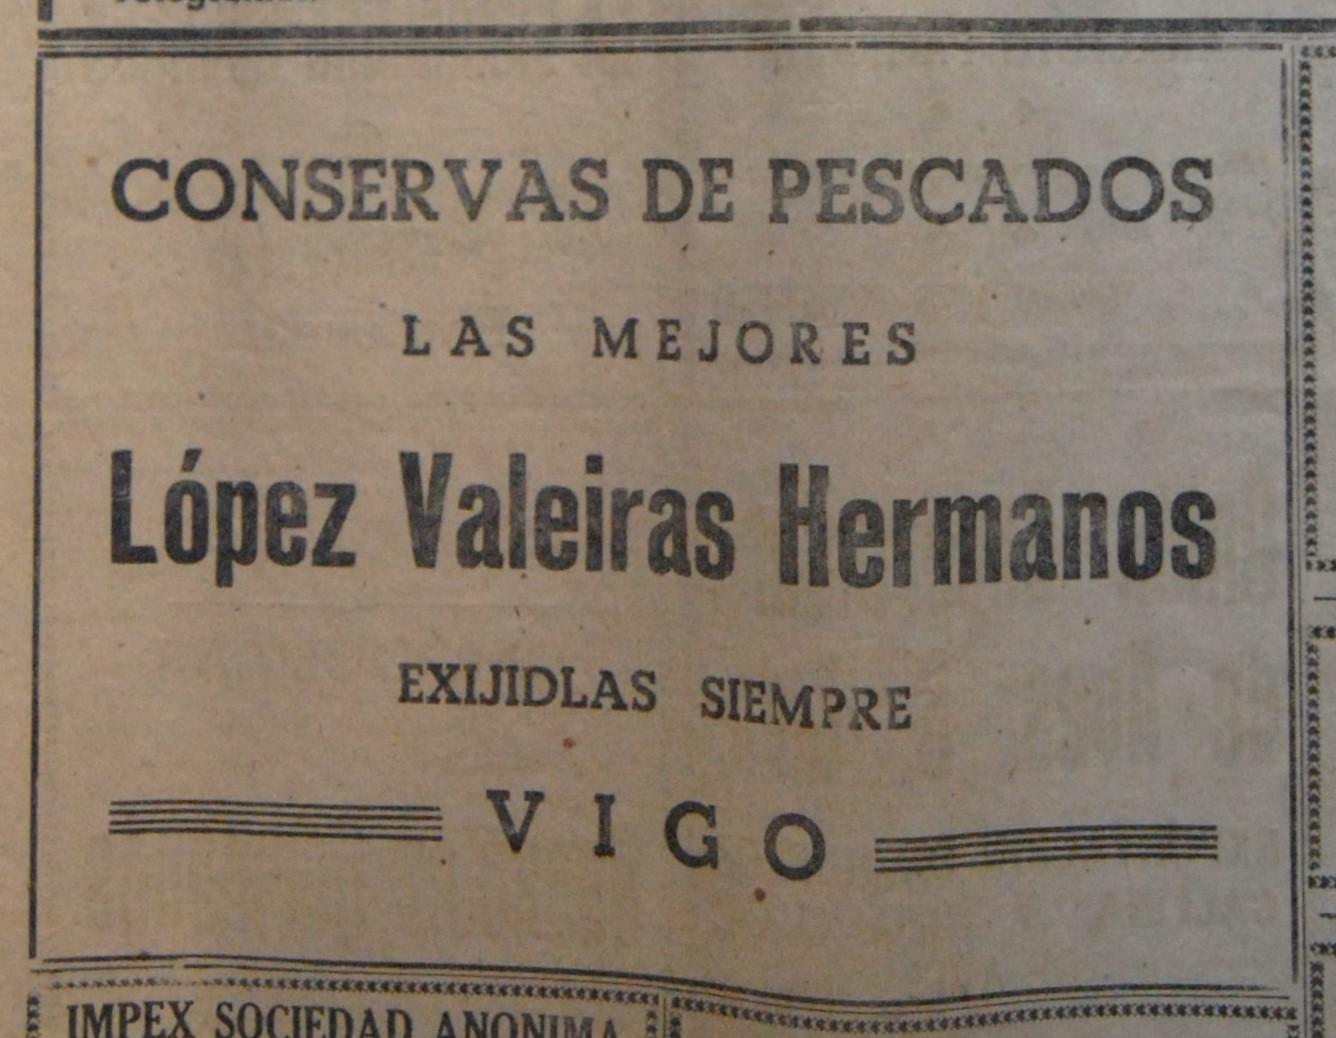 López Valeiras Hnos., conserveira.